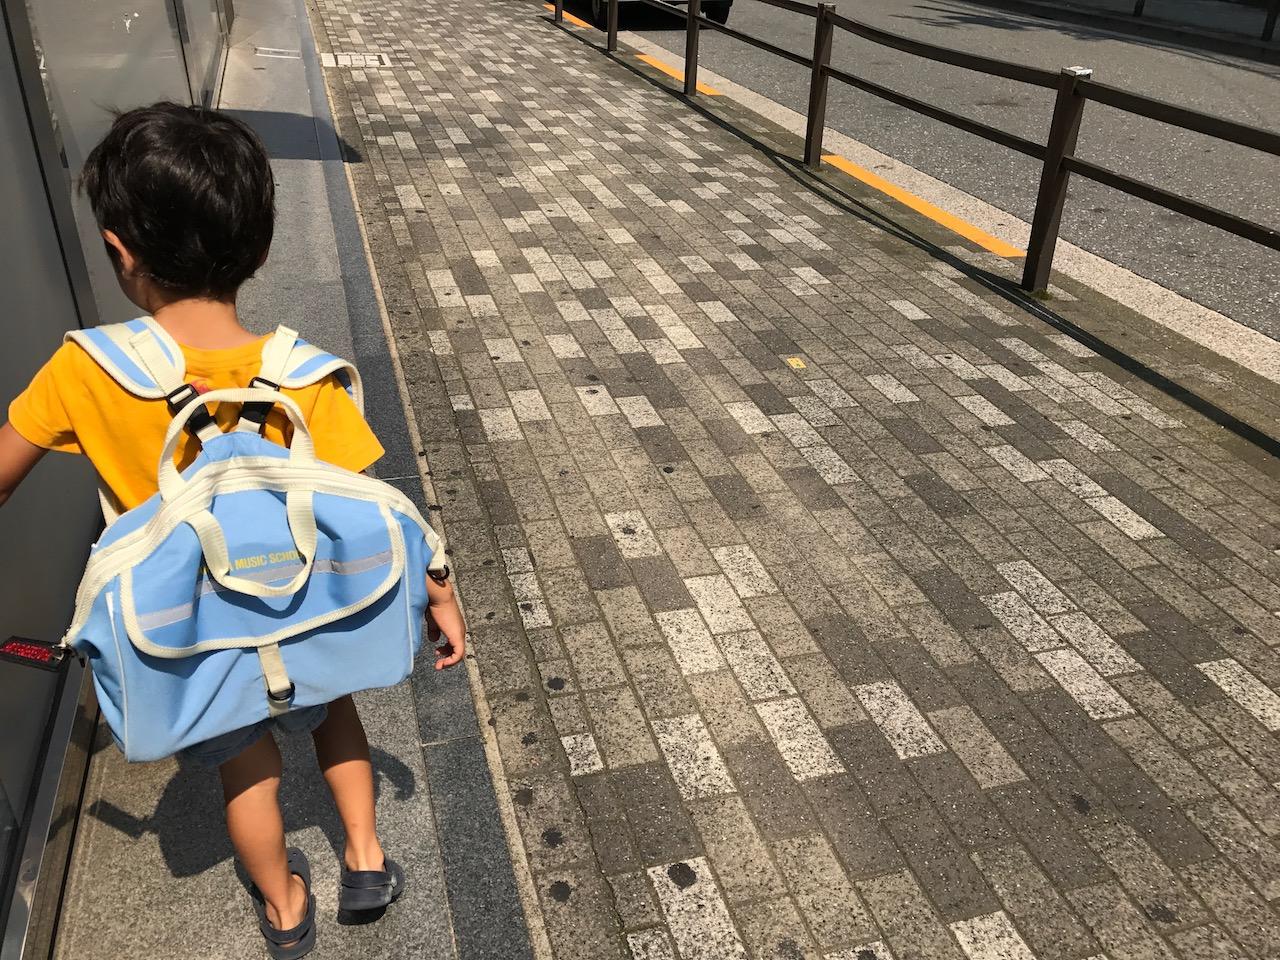 ヤマハ音楽教室の幼児科に次男と行く-7月8日